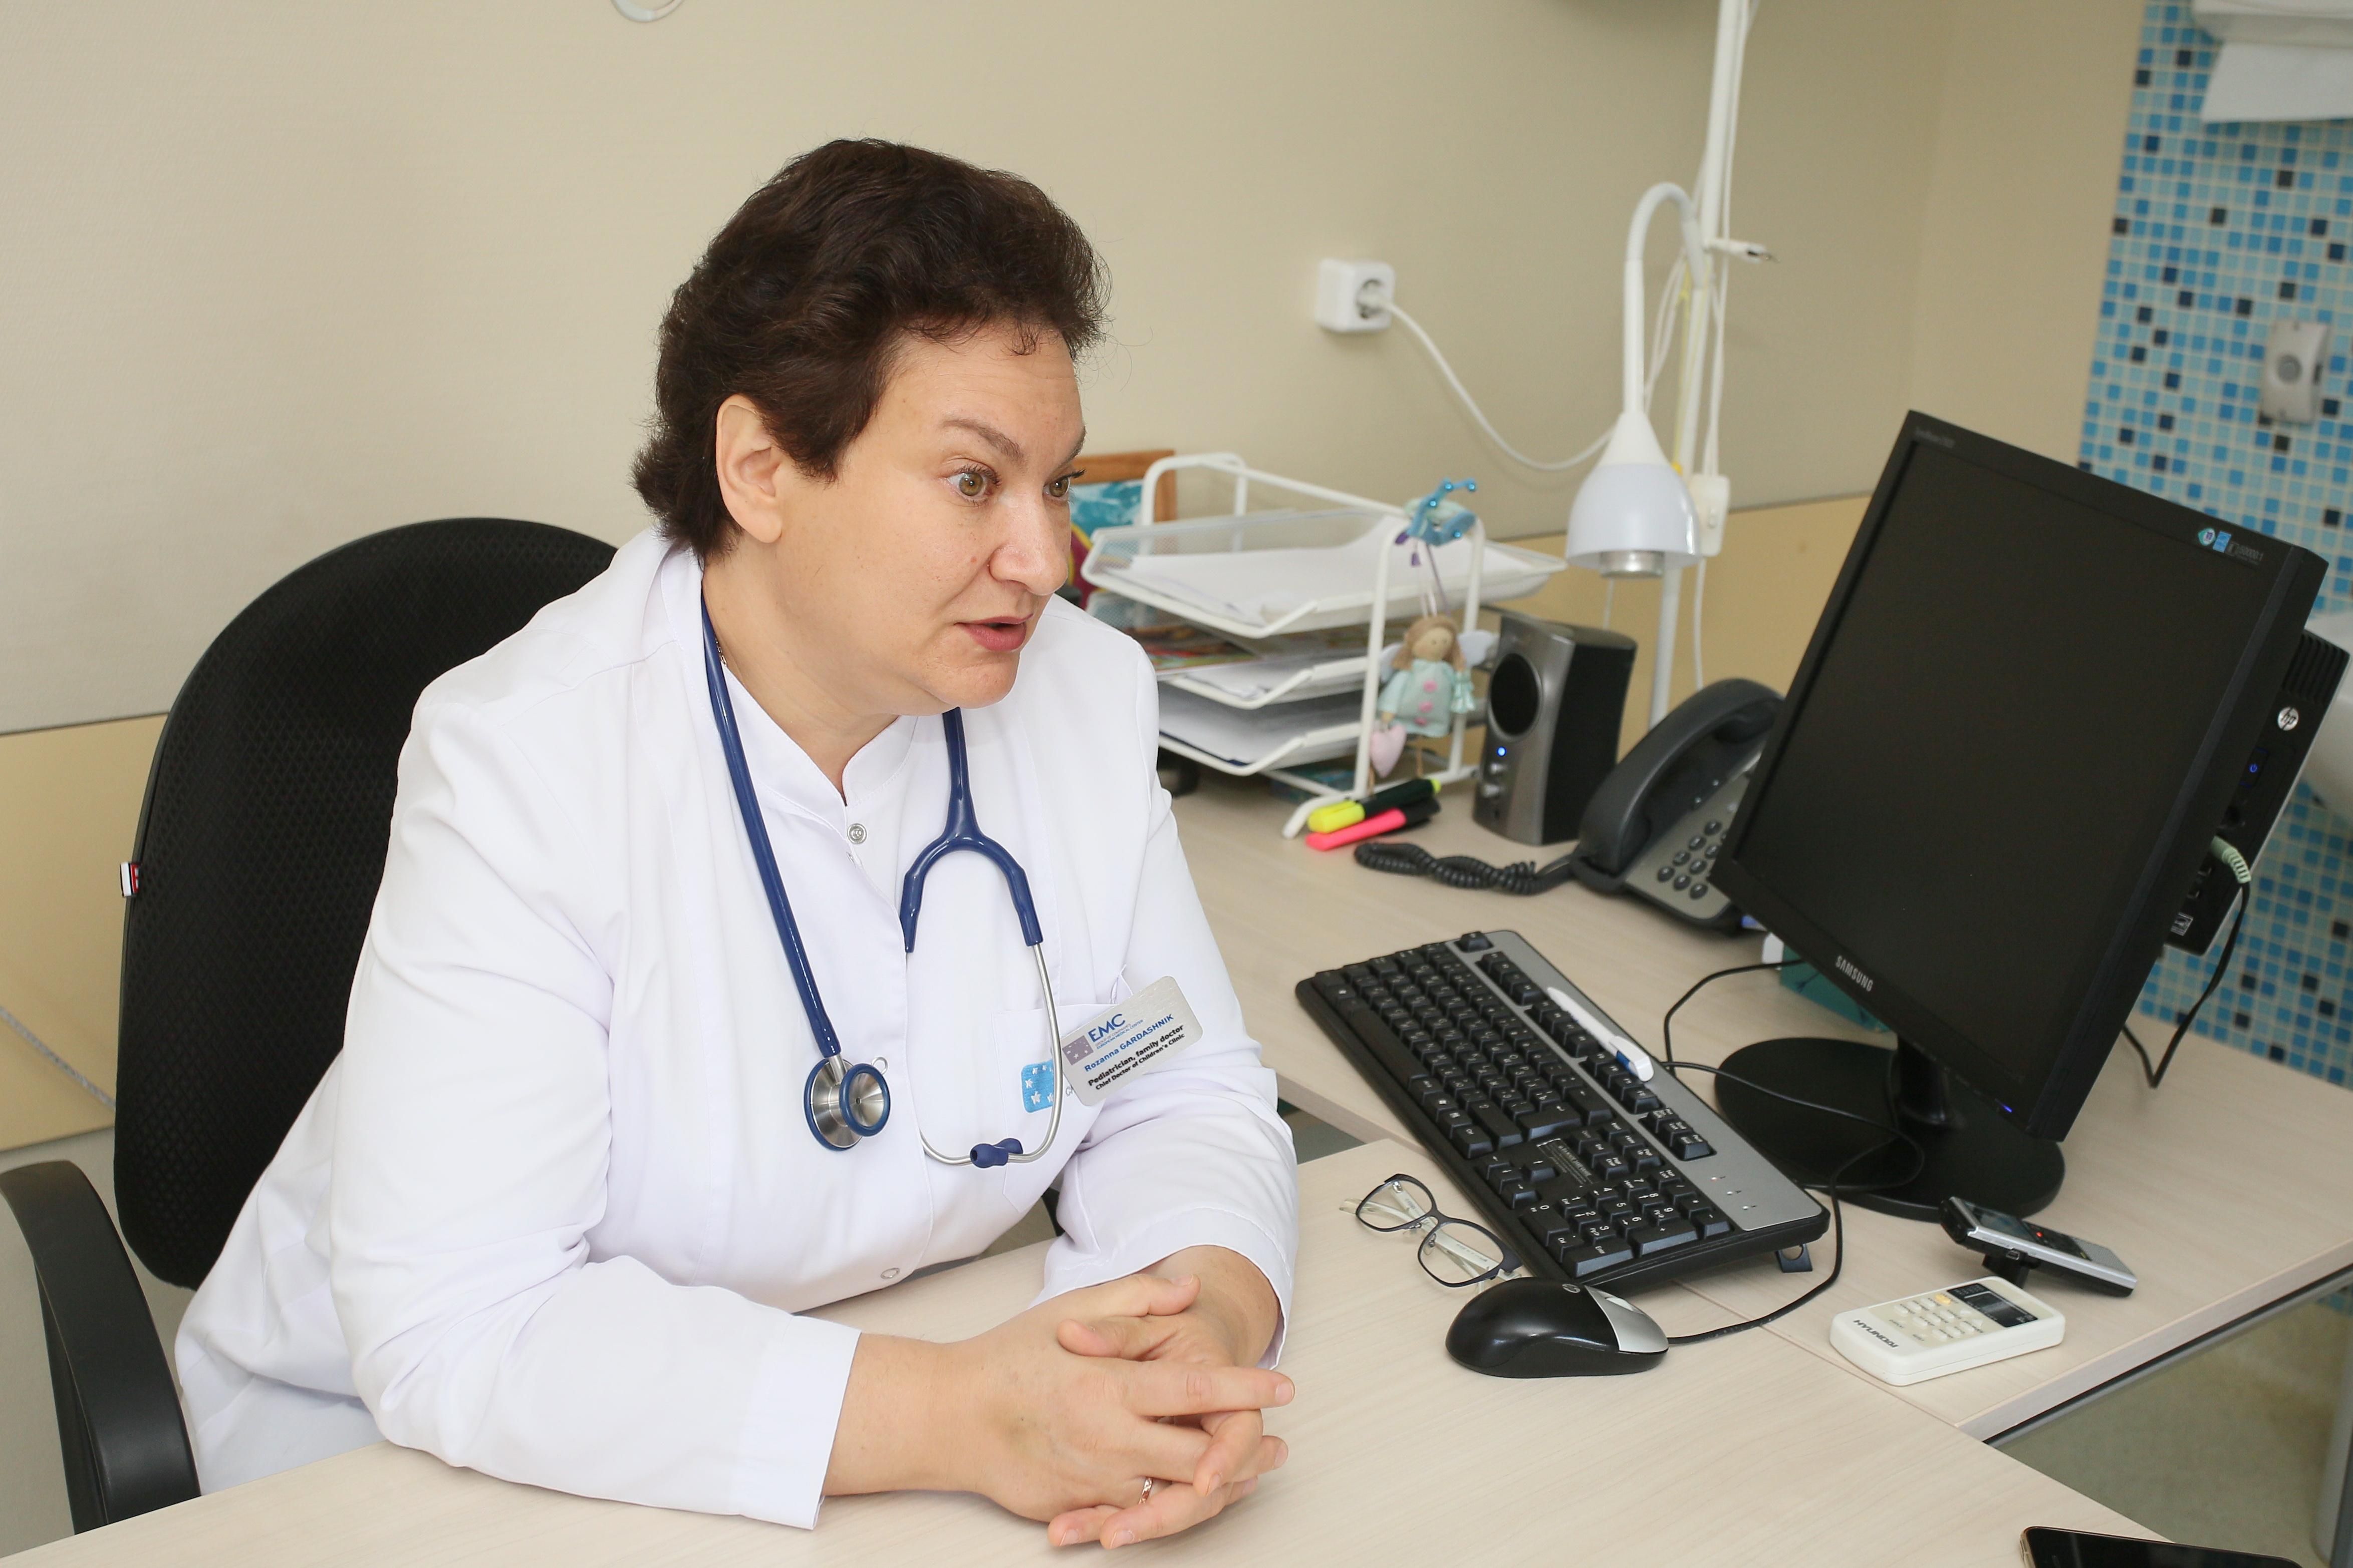 Розанна Гардашник, Главный врач Детской клиники Европейского медицинского центра (ЕМС)